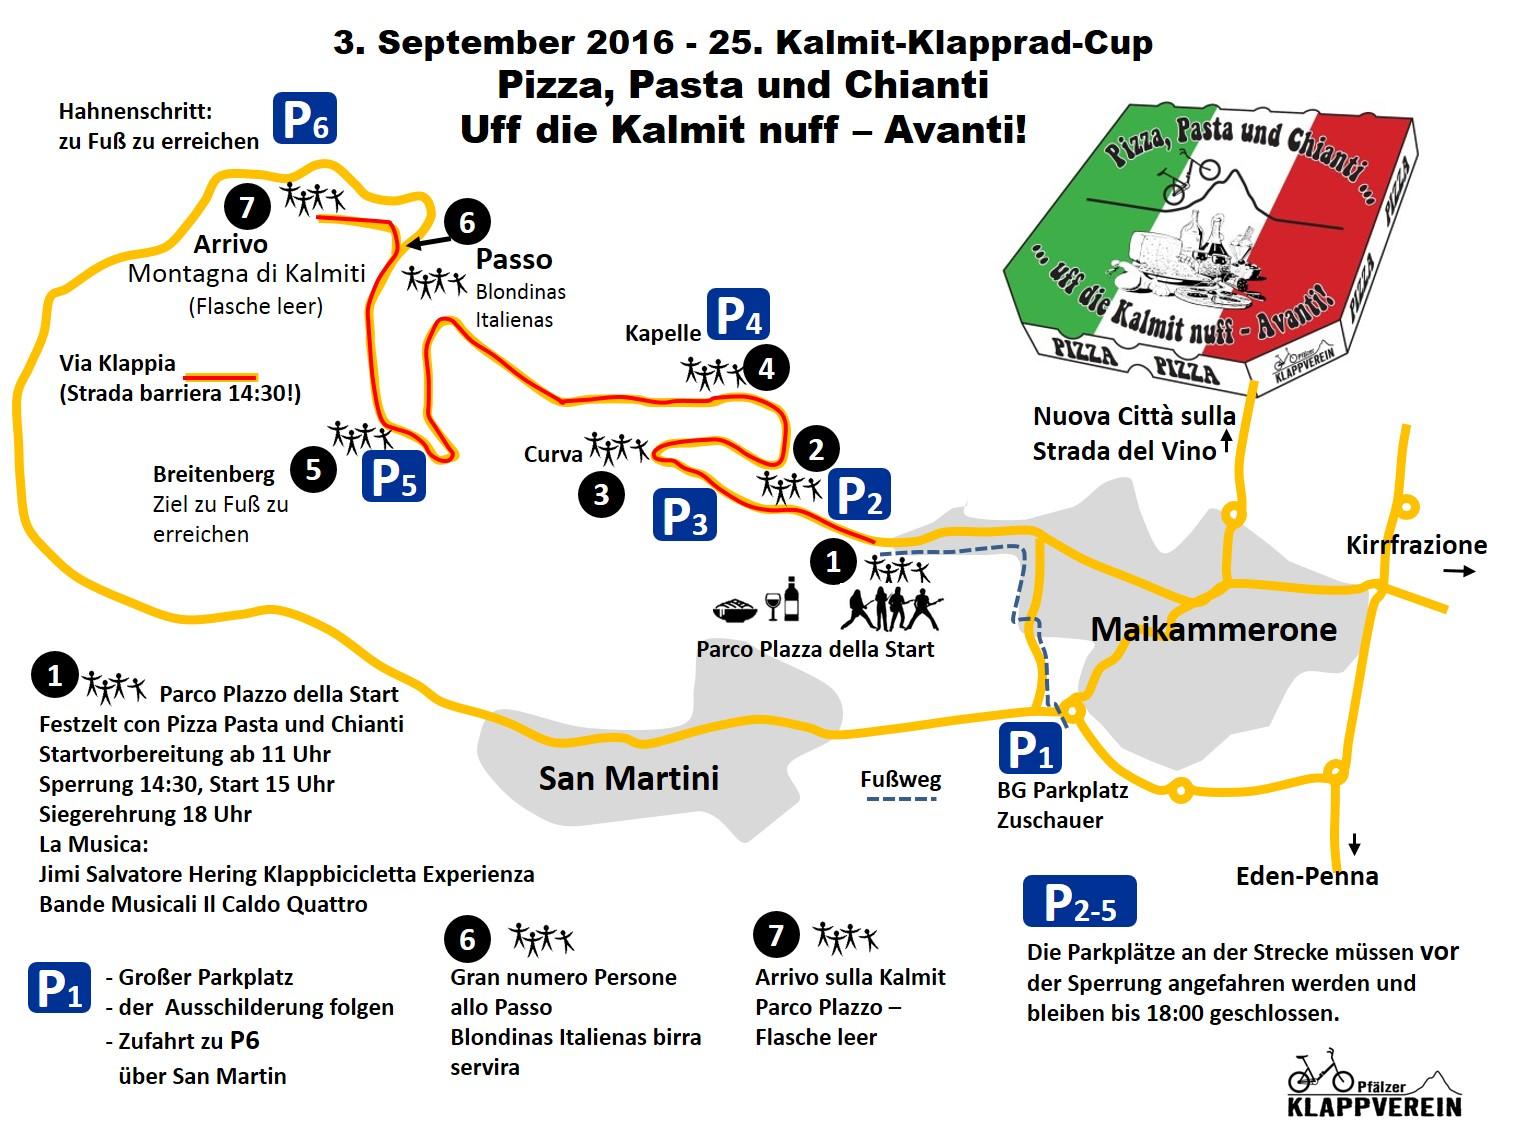 KKC 2016 Karte